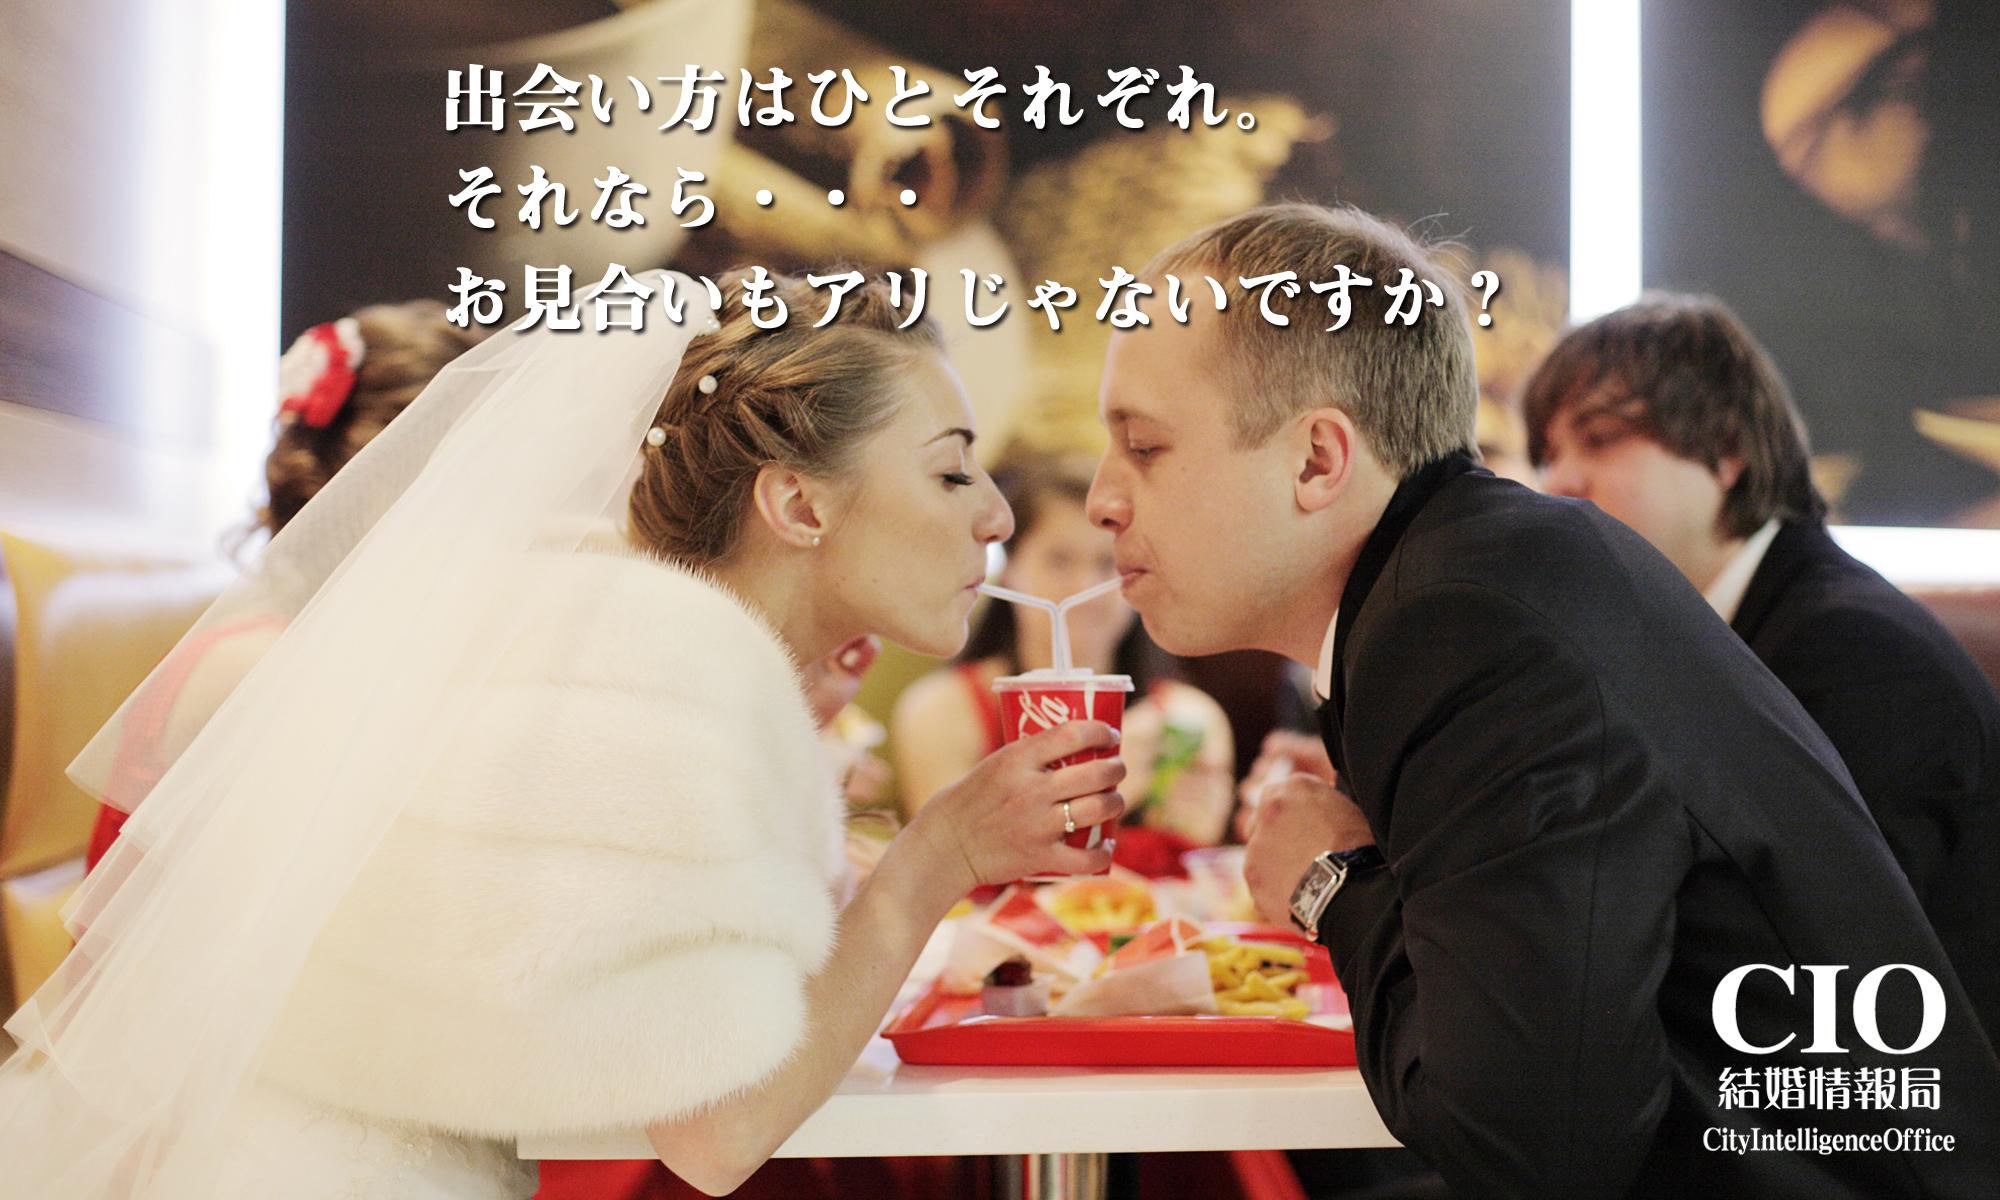 婚活するなら吹田市の結婚相談所 C.I.O結婚情報局